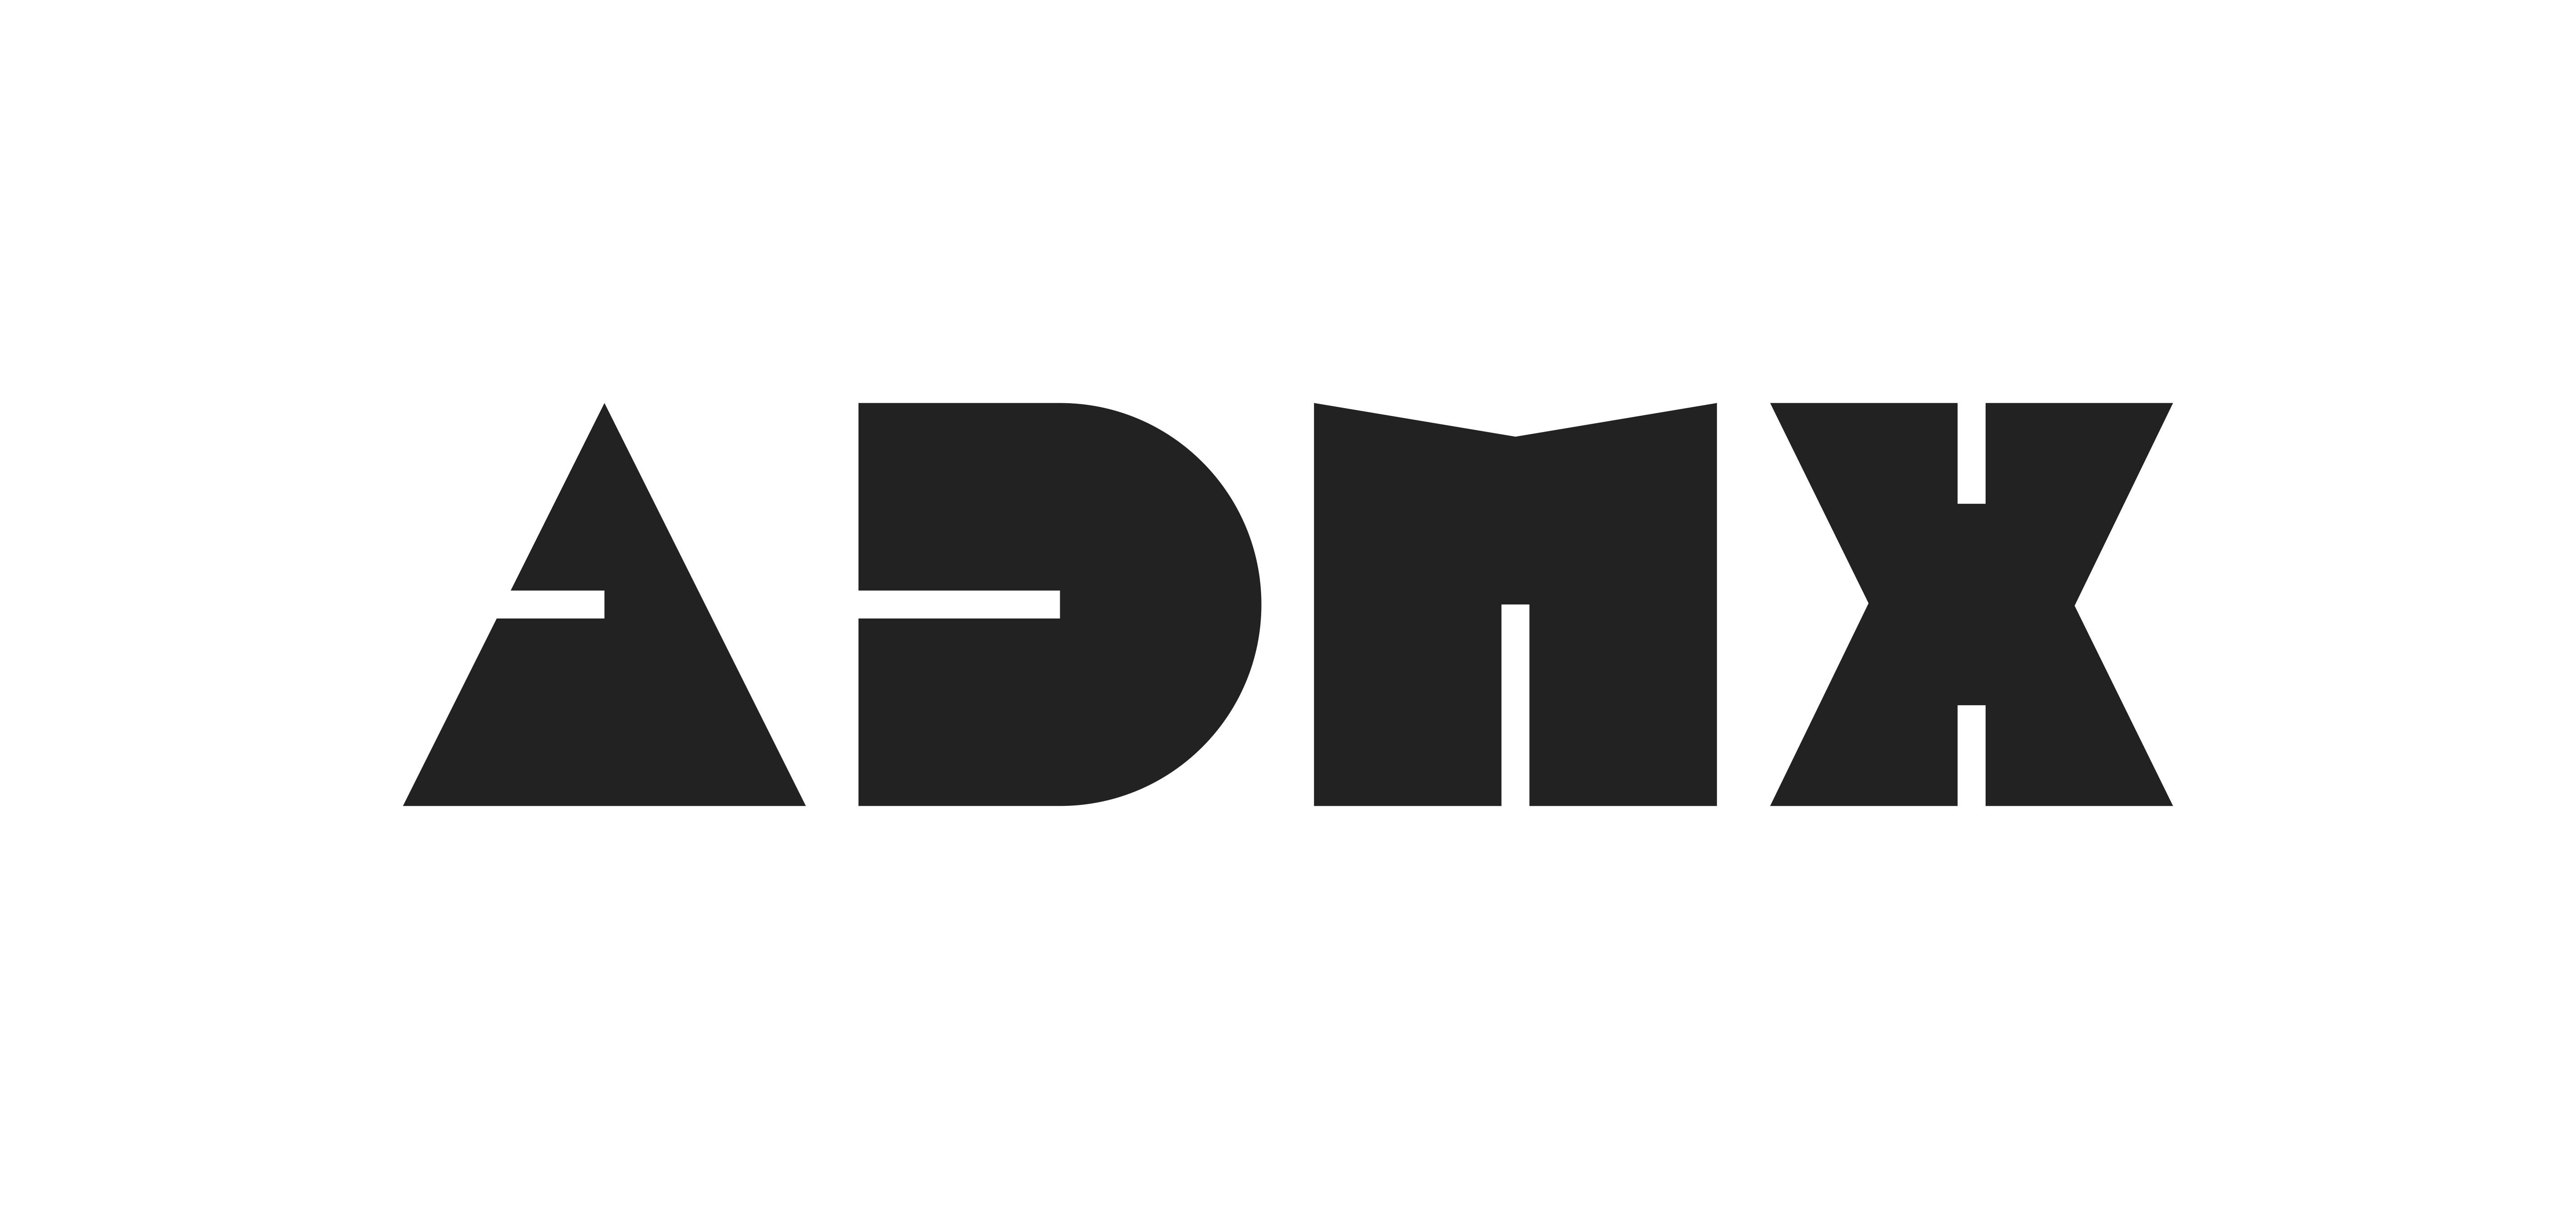 Ad Mex Org